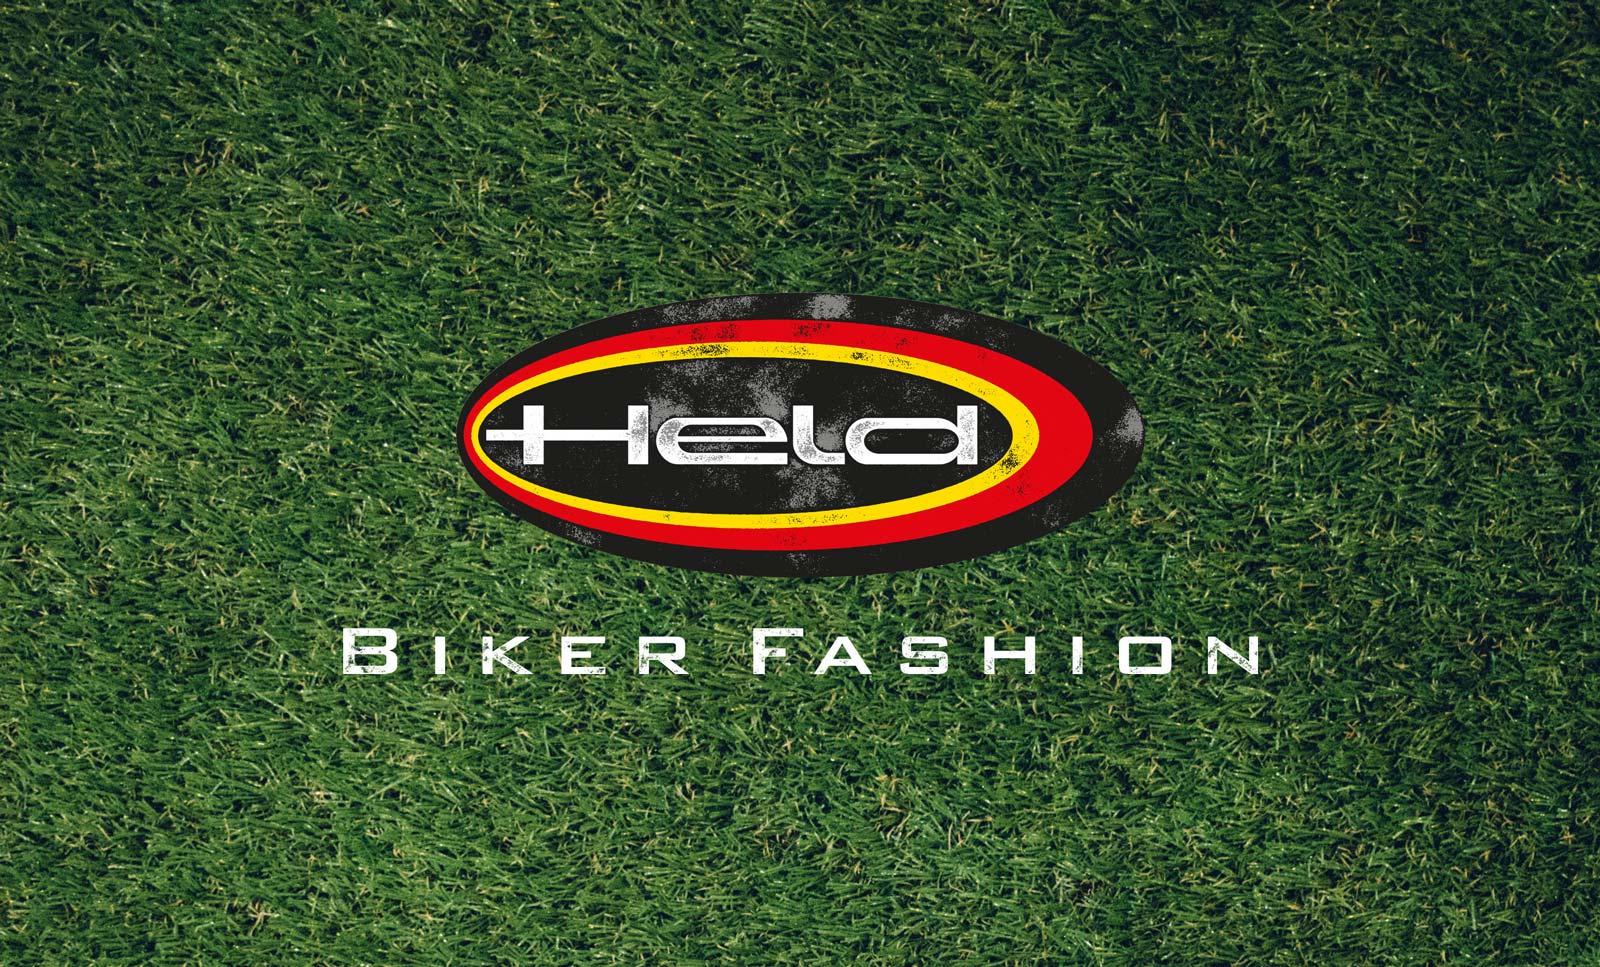 Ein Banner des 70-Jahre-Held-Messestandes. Man sieht das Logo von Held Bikerfashion auf grünem Rasen liegen. Das Design stammt von MAJORMAJOR.